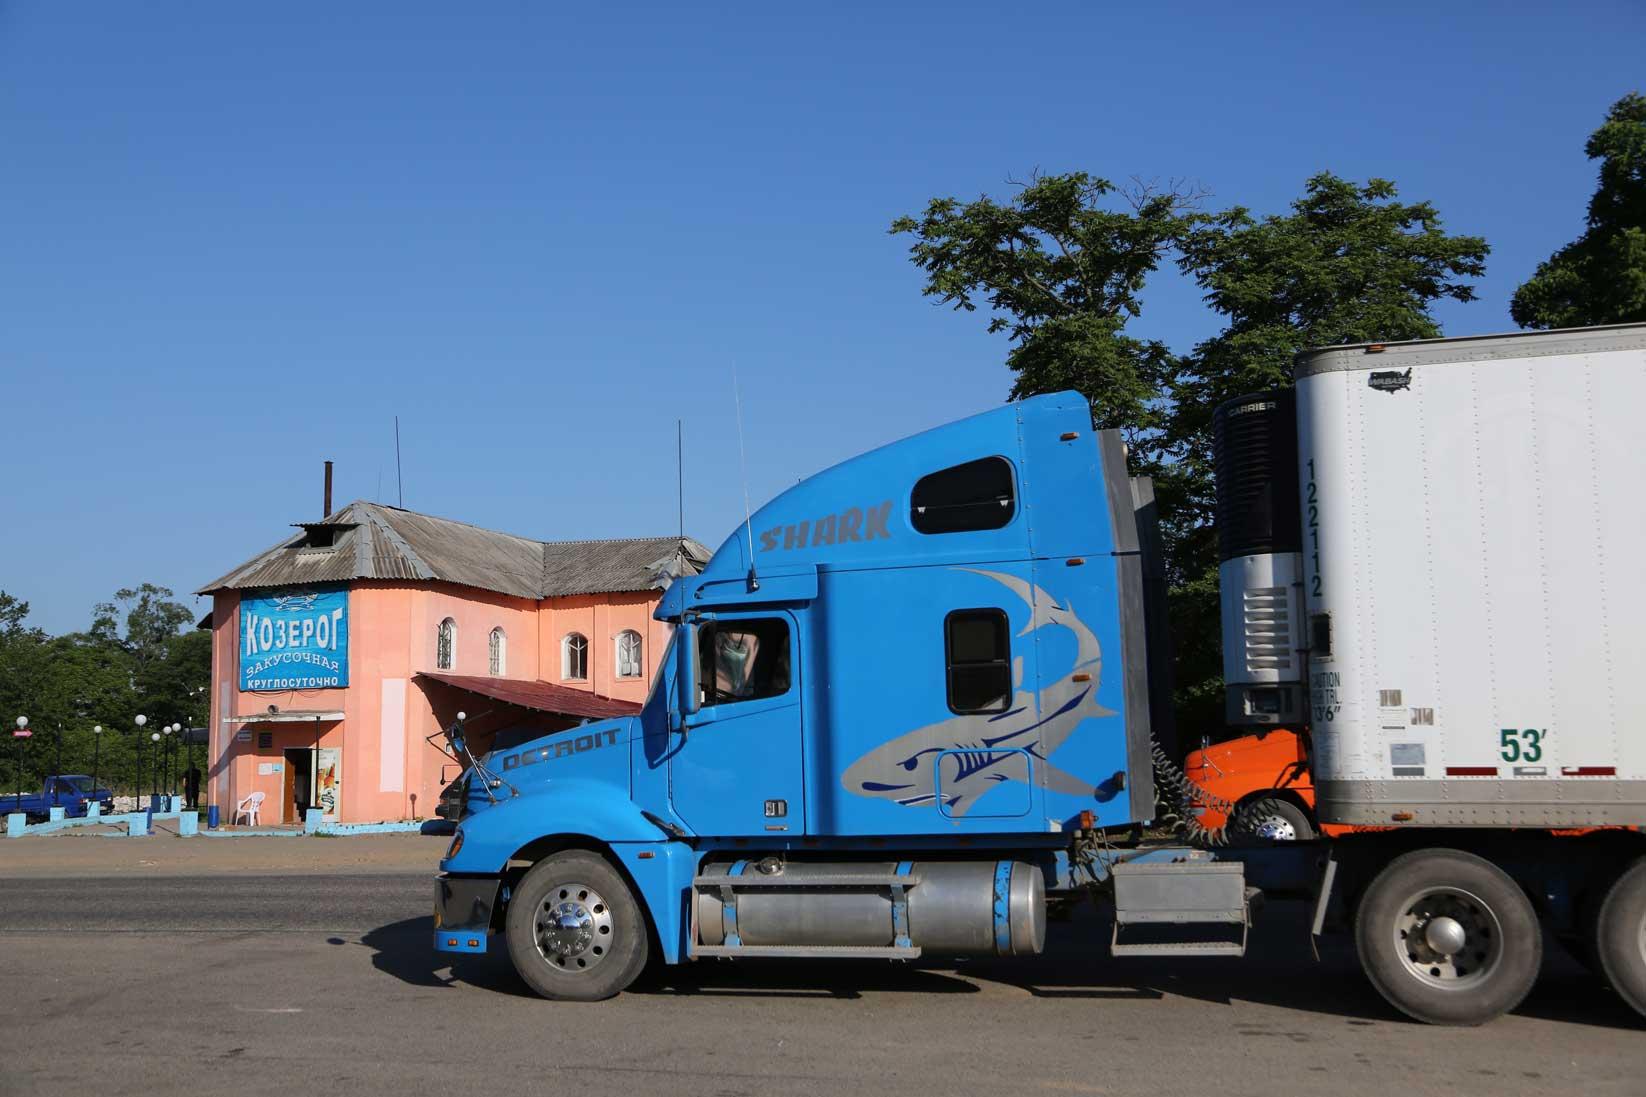 極東ロシアの田舎町をドライブする~数千台の日本車積替と渤海の港_b0235153_10295071.jpg